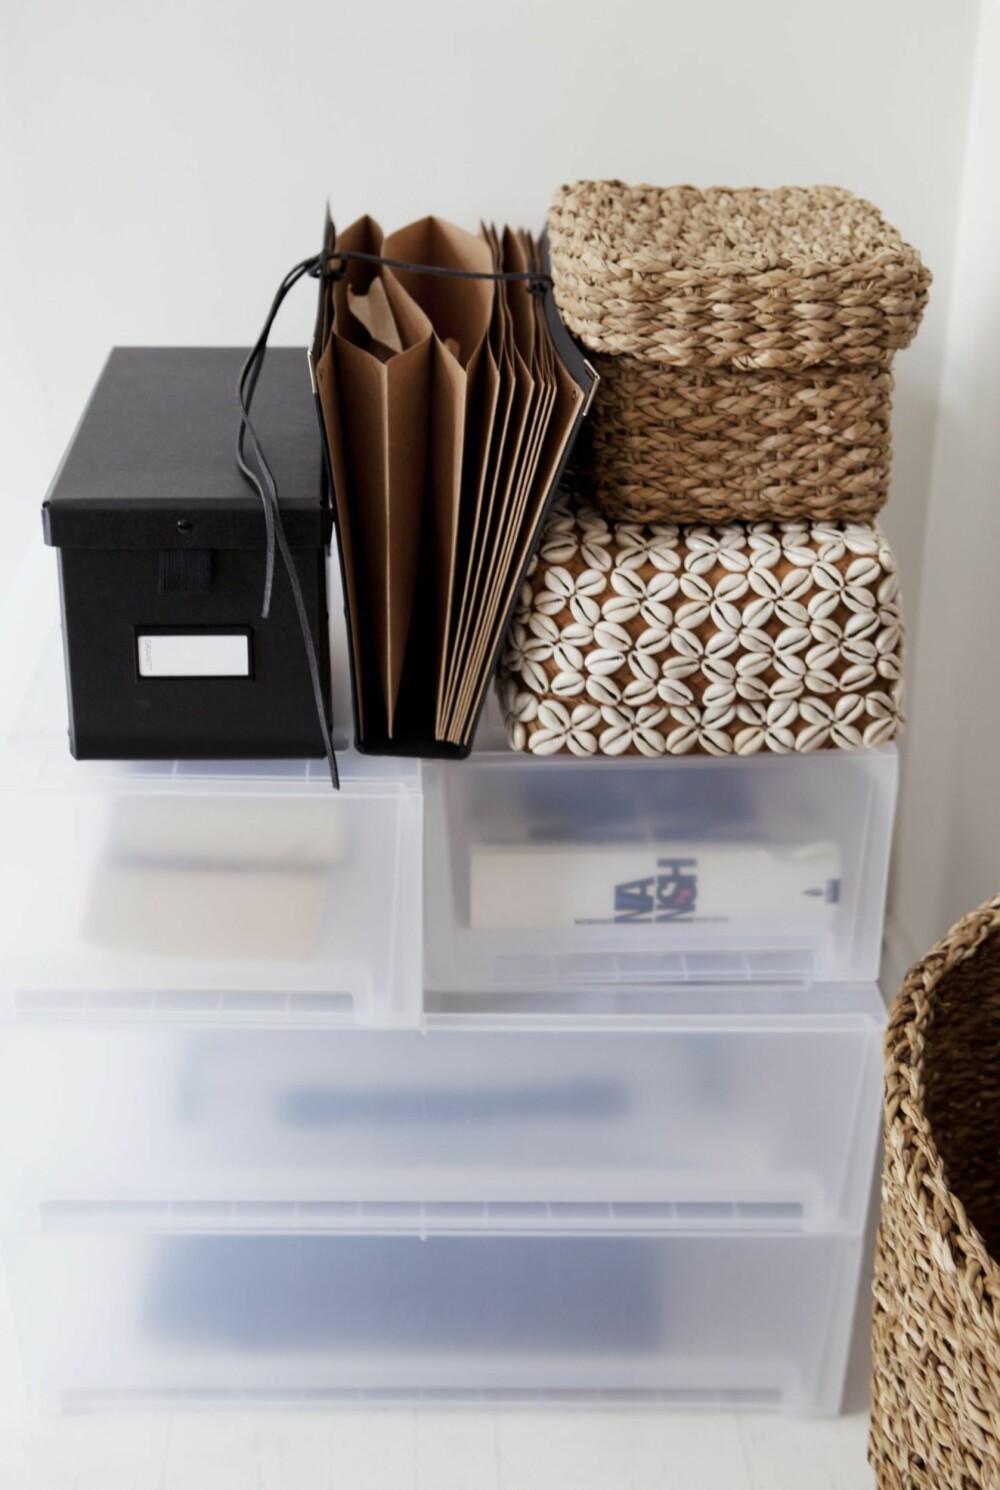 Kupol uttrekksoppbevaring i plast, kr 423 for sett med 4, Ikea, cd-boks, kr 100 og arkivmappe, kr 180, begge fra Granit. Skjellkurv, kr 200, Milla Boutique, og bastkurv, kr 90, Granit.